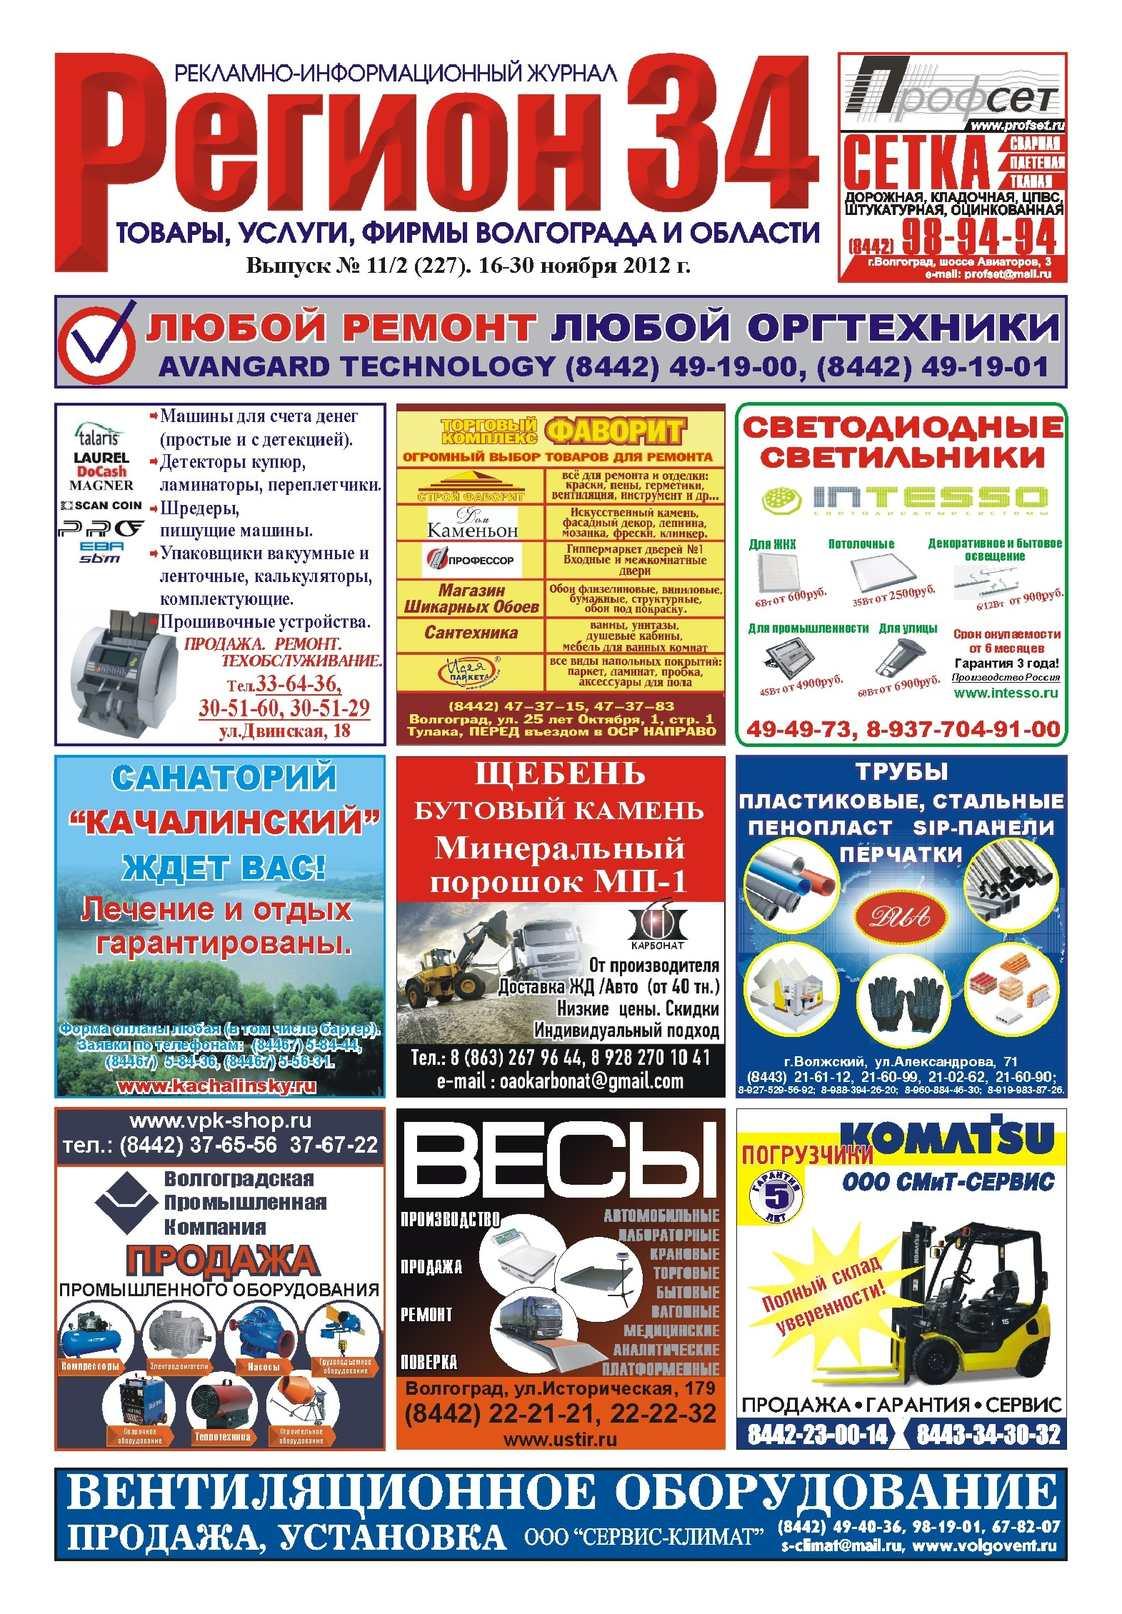 Пластины теплообменника Анвитэк ALX-40 Пушкин Уплотнения теплообменника Sondex SF123 Петропавловск-Камчатский